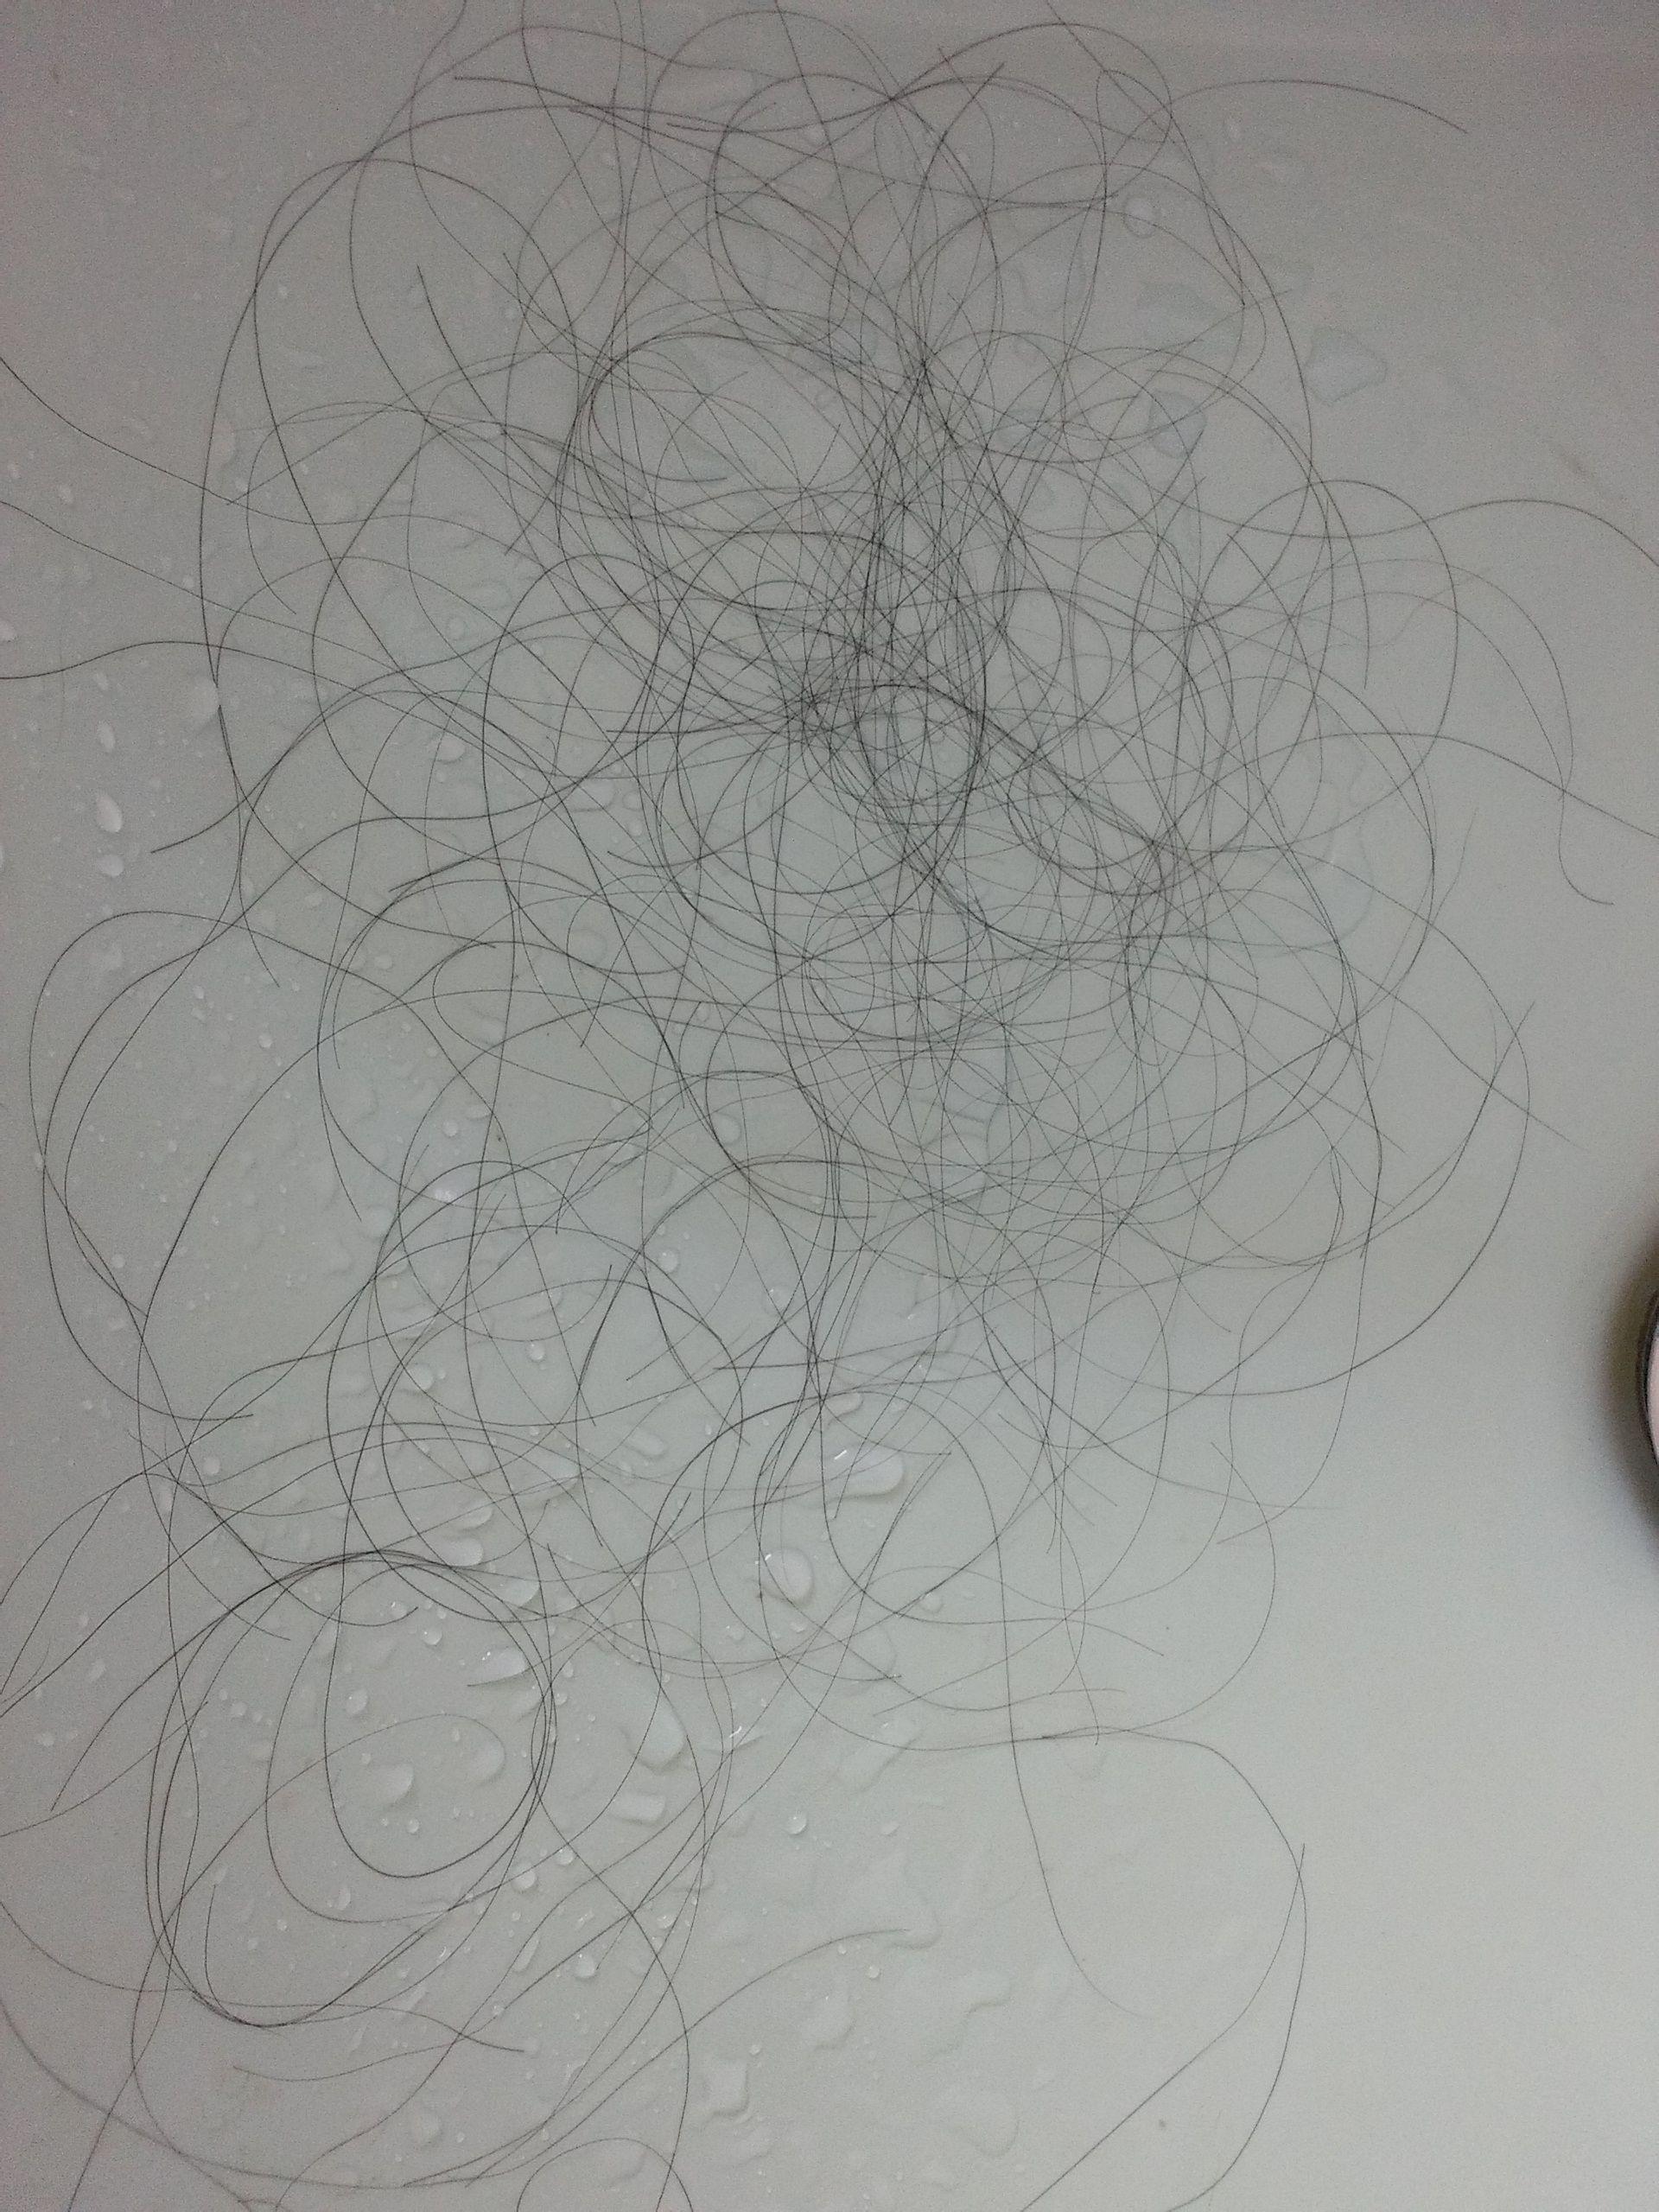 每天早上梳头都掉这么多头发,是脱发吗?图片